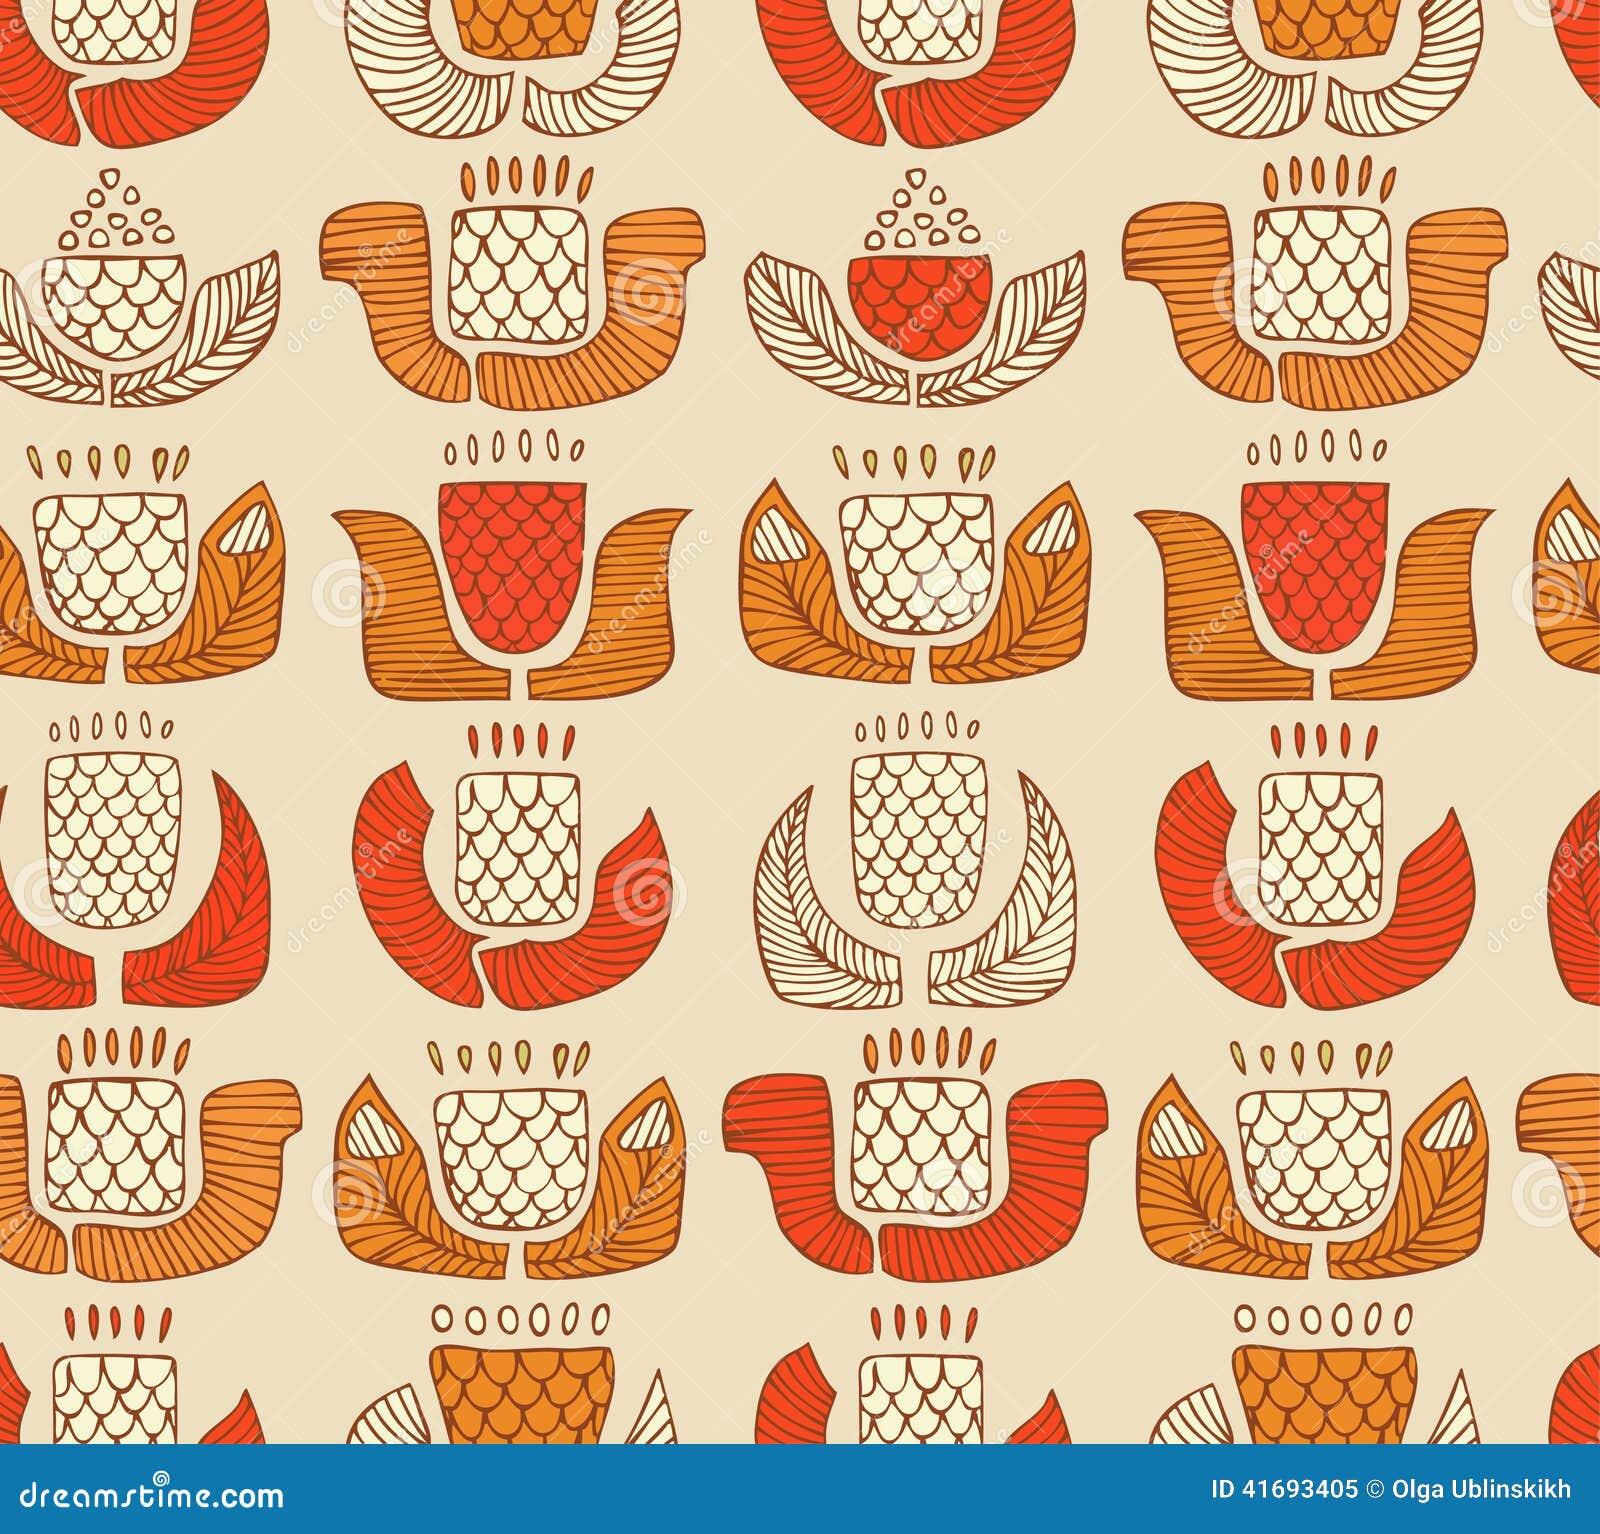 Etnisch patroon met decoratieve bloemen, knoppen en bladeren Eindeloze achtergrond met sier inheemse elementen